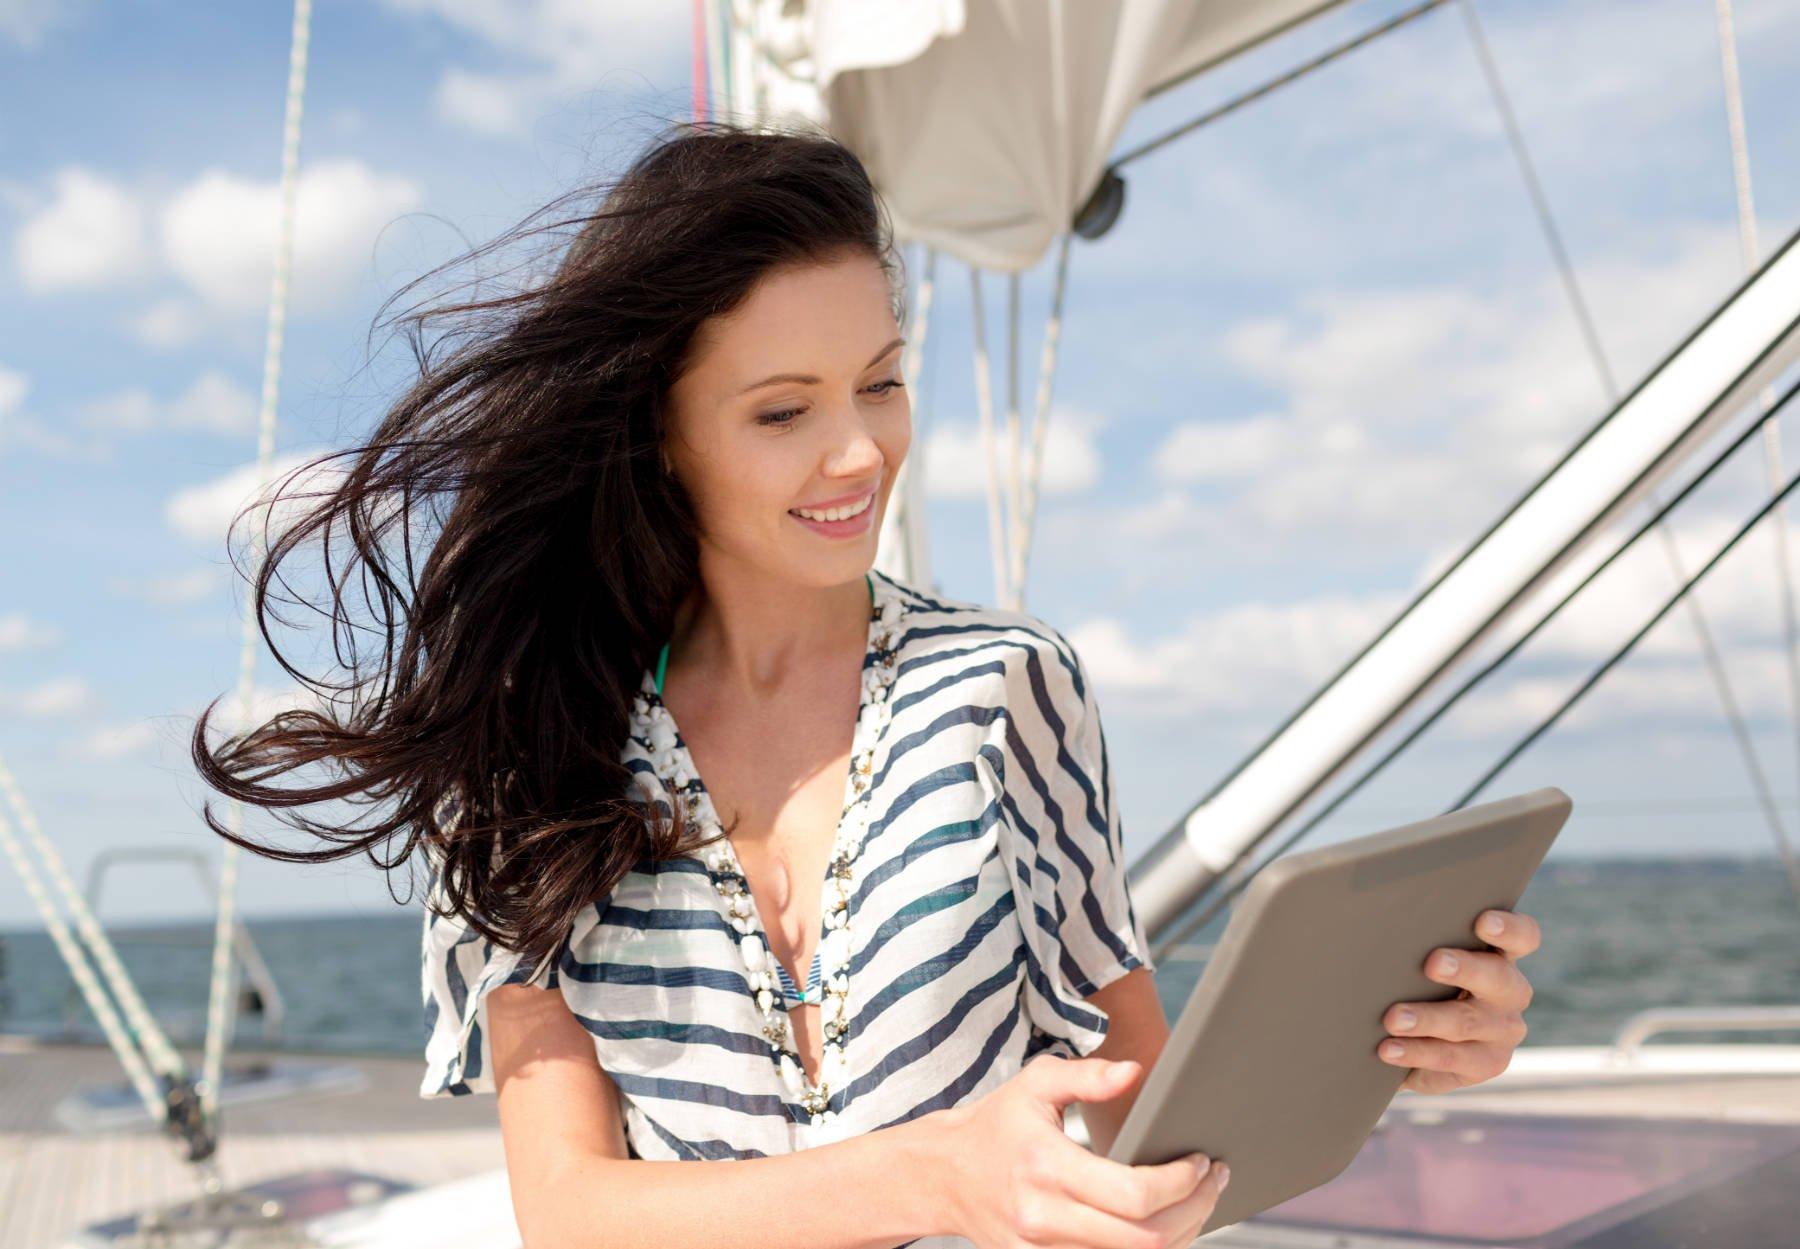 czarter-jachtu-przez-internet-na-co-uważać-jak-nie-dać-się-oszukać